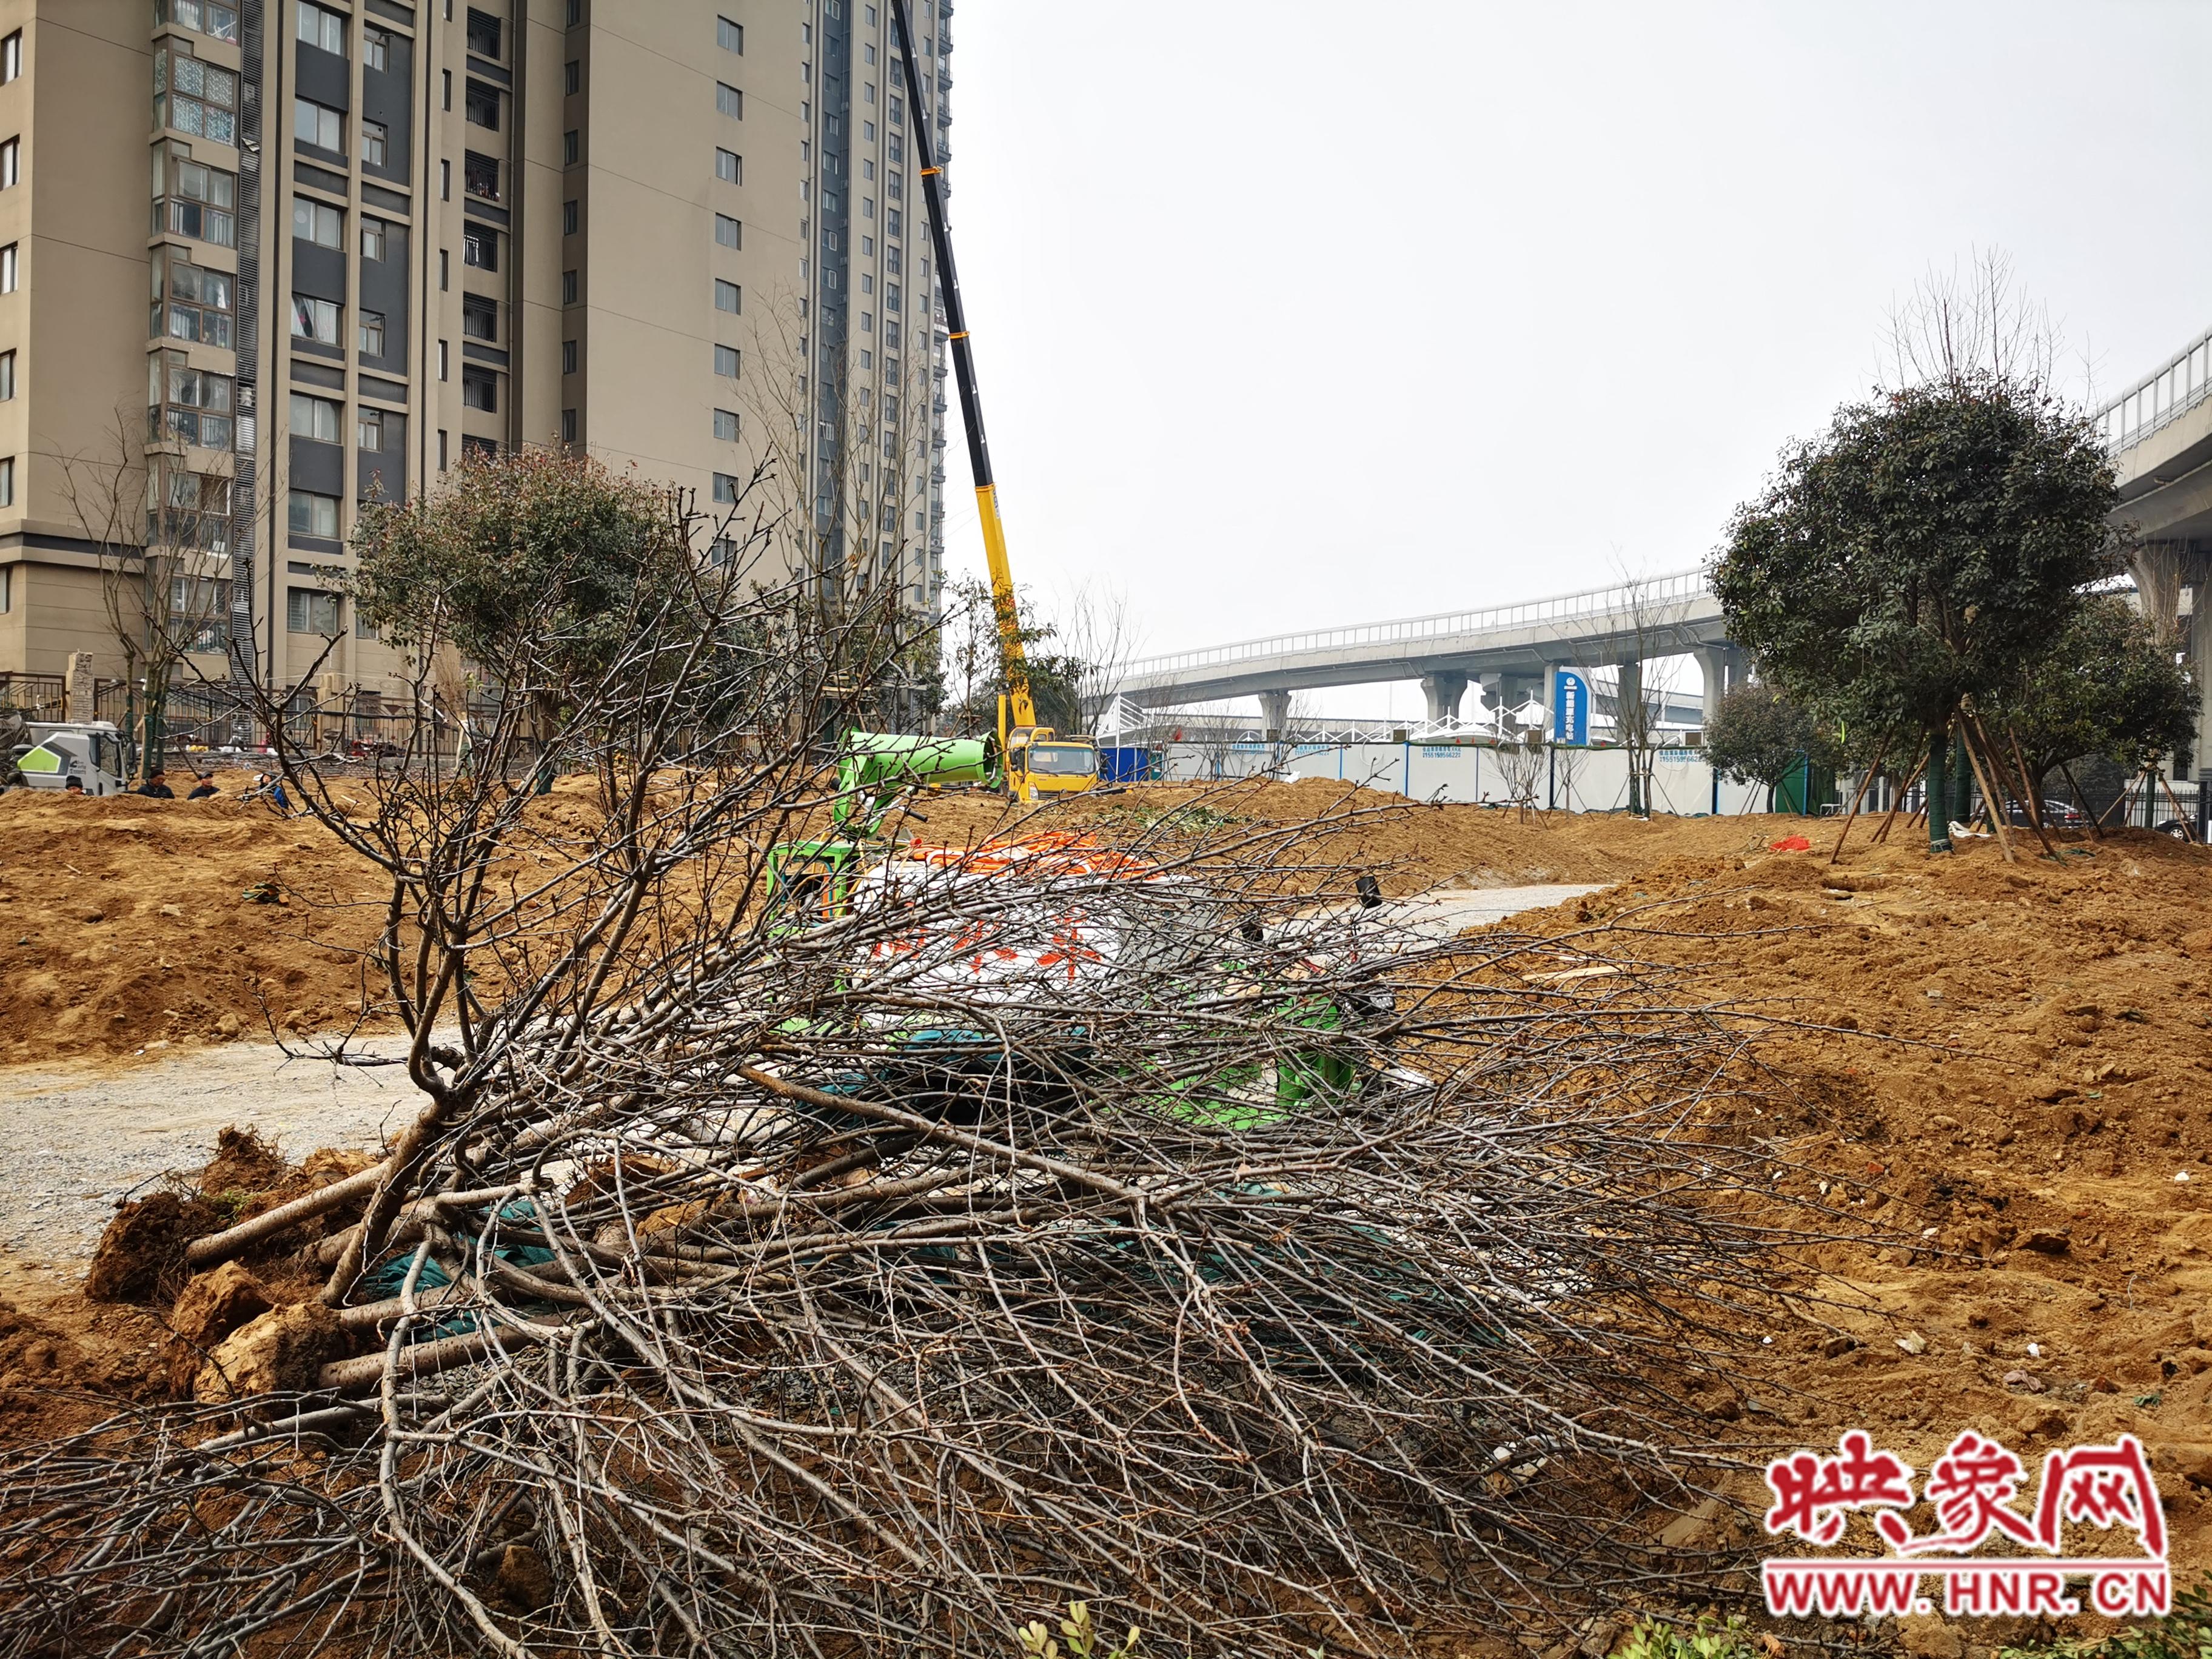 郑州中原区新增一街头游园 春节前建成